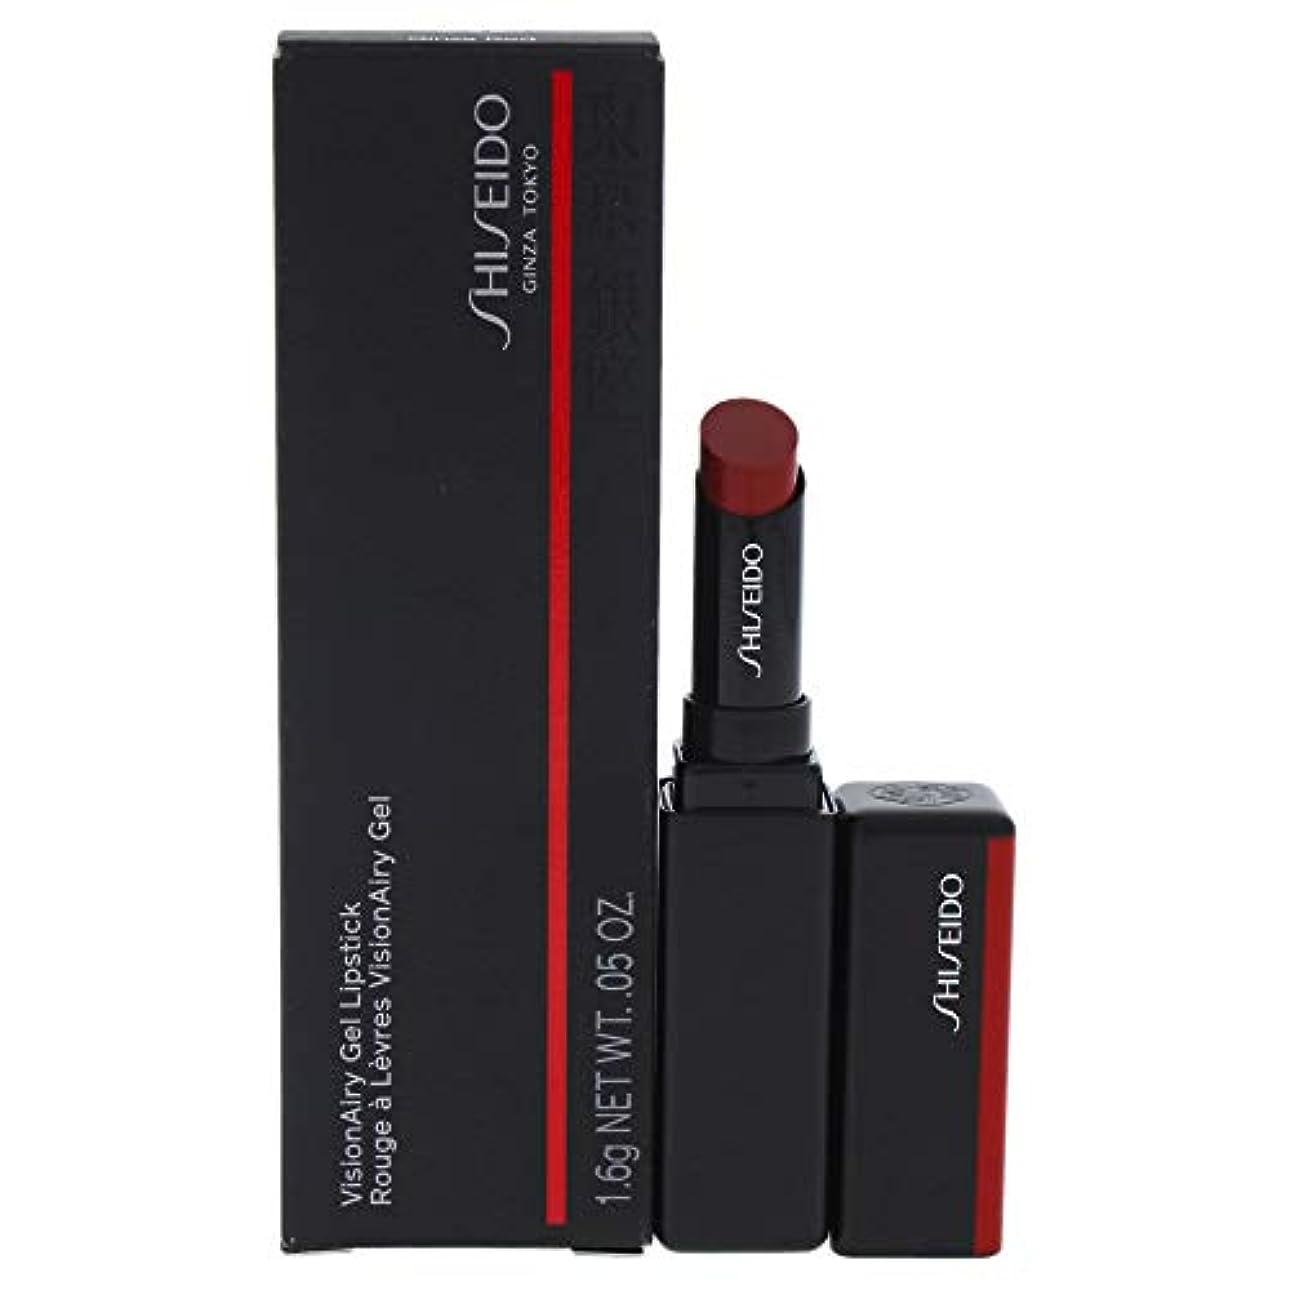 神秘ストライド編集者資生堂 VisionAiry Gel Lipstick - # 222 Ginza Red (Lacquer Red) VisionAiry Gel並行輸入品